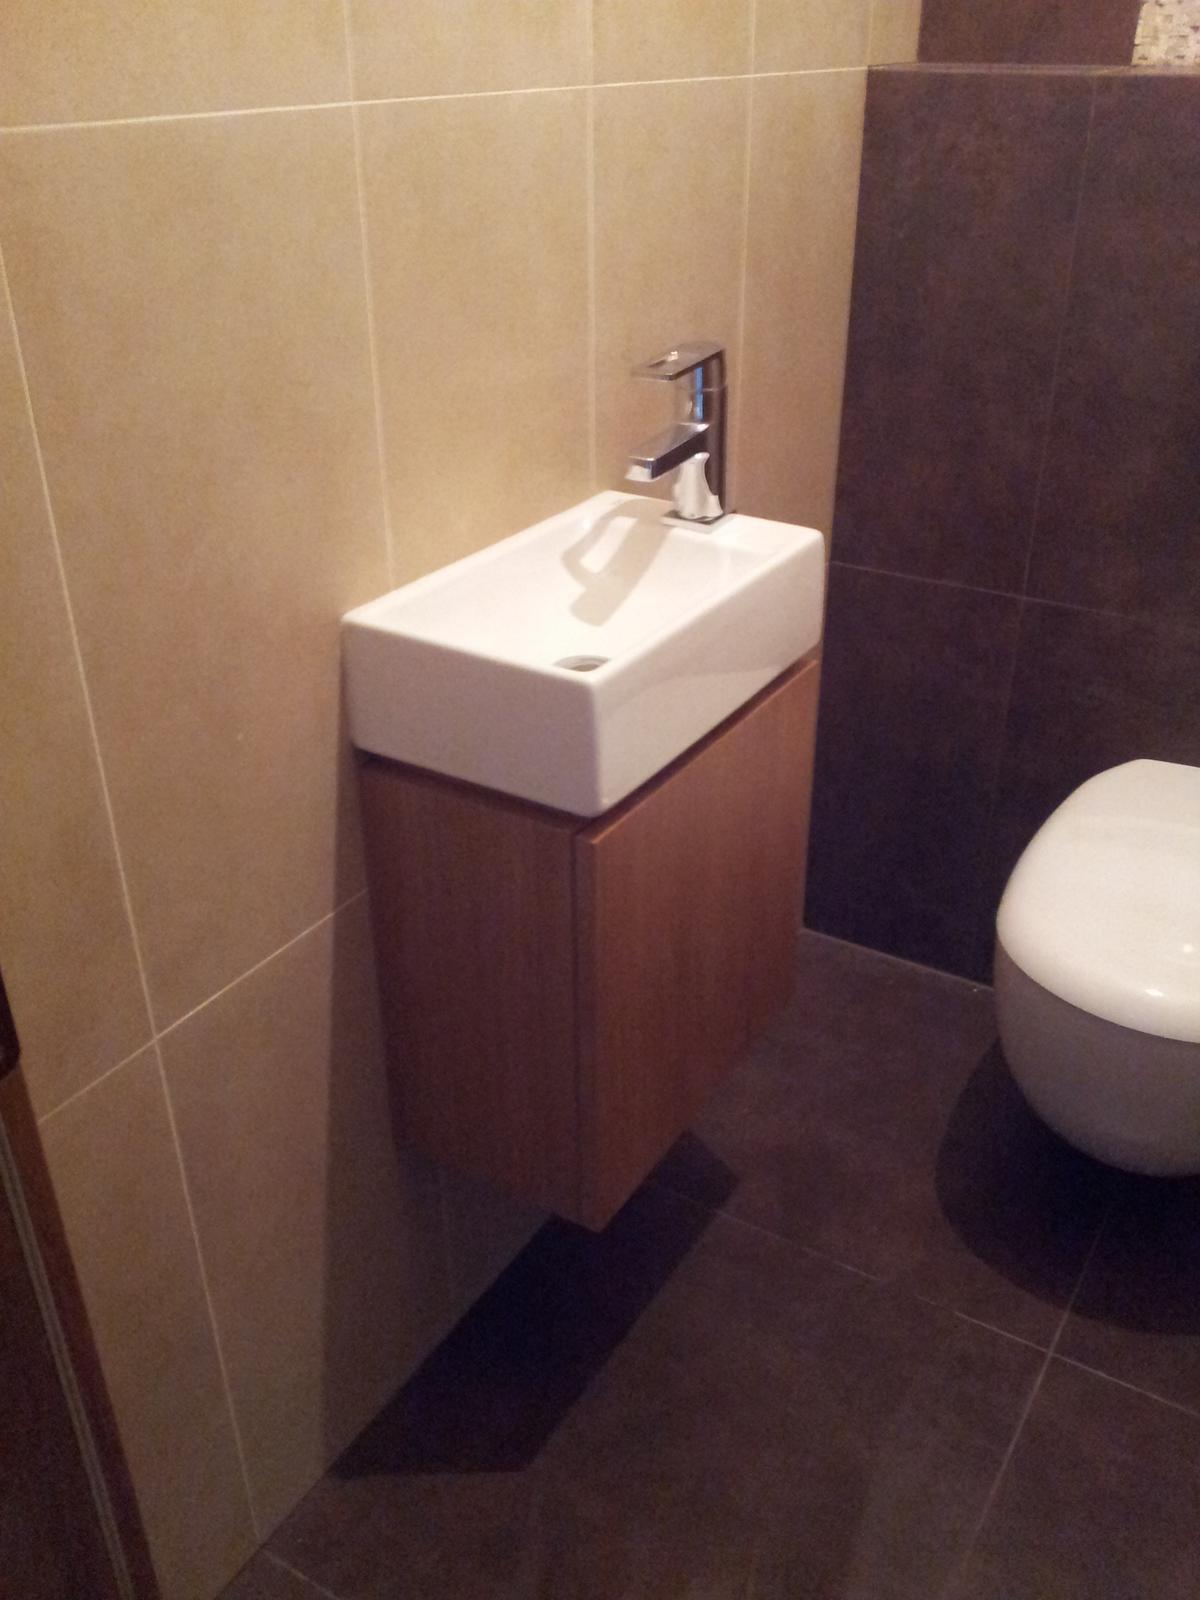 Dizajn a výroba nábytku na mieru Cubica - Dubová kúpeľňová skrinka s malým umyvadlom - dizajn a výroba cubica